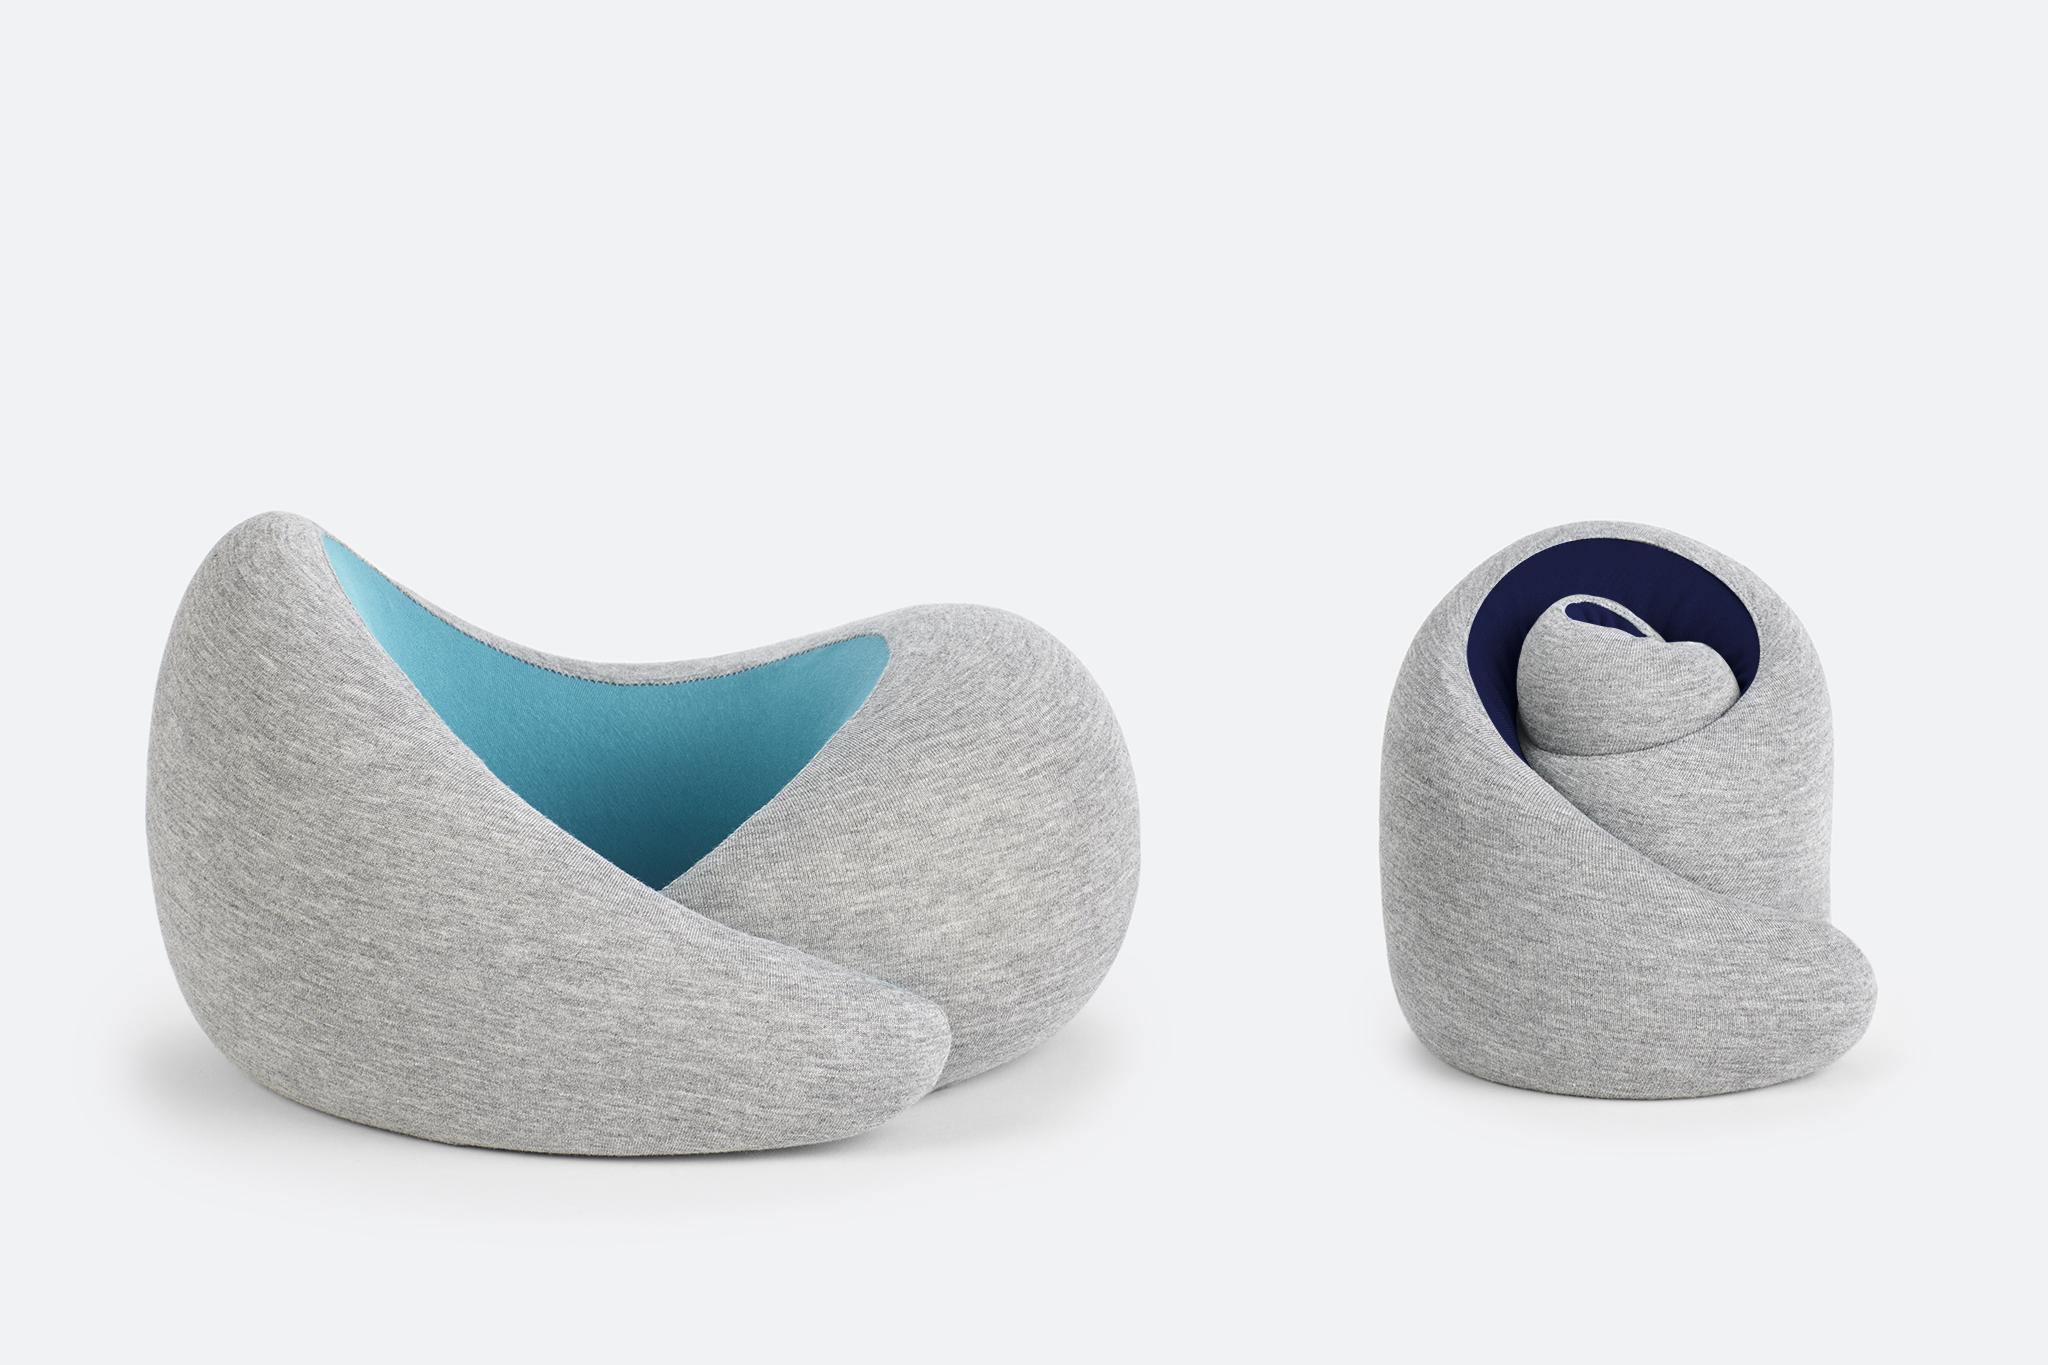 Ostrich pillow go velcro nekkussen verstelbaar door klittenband